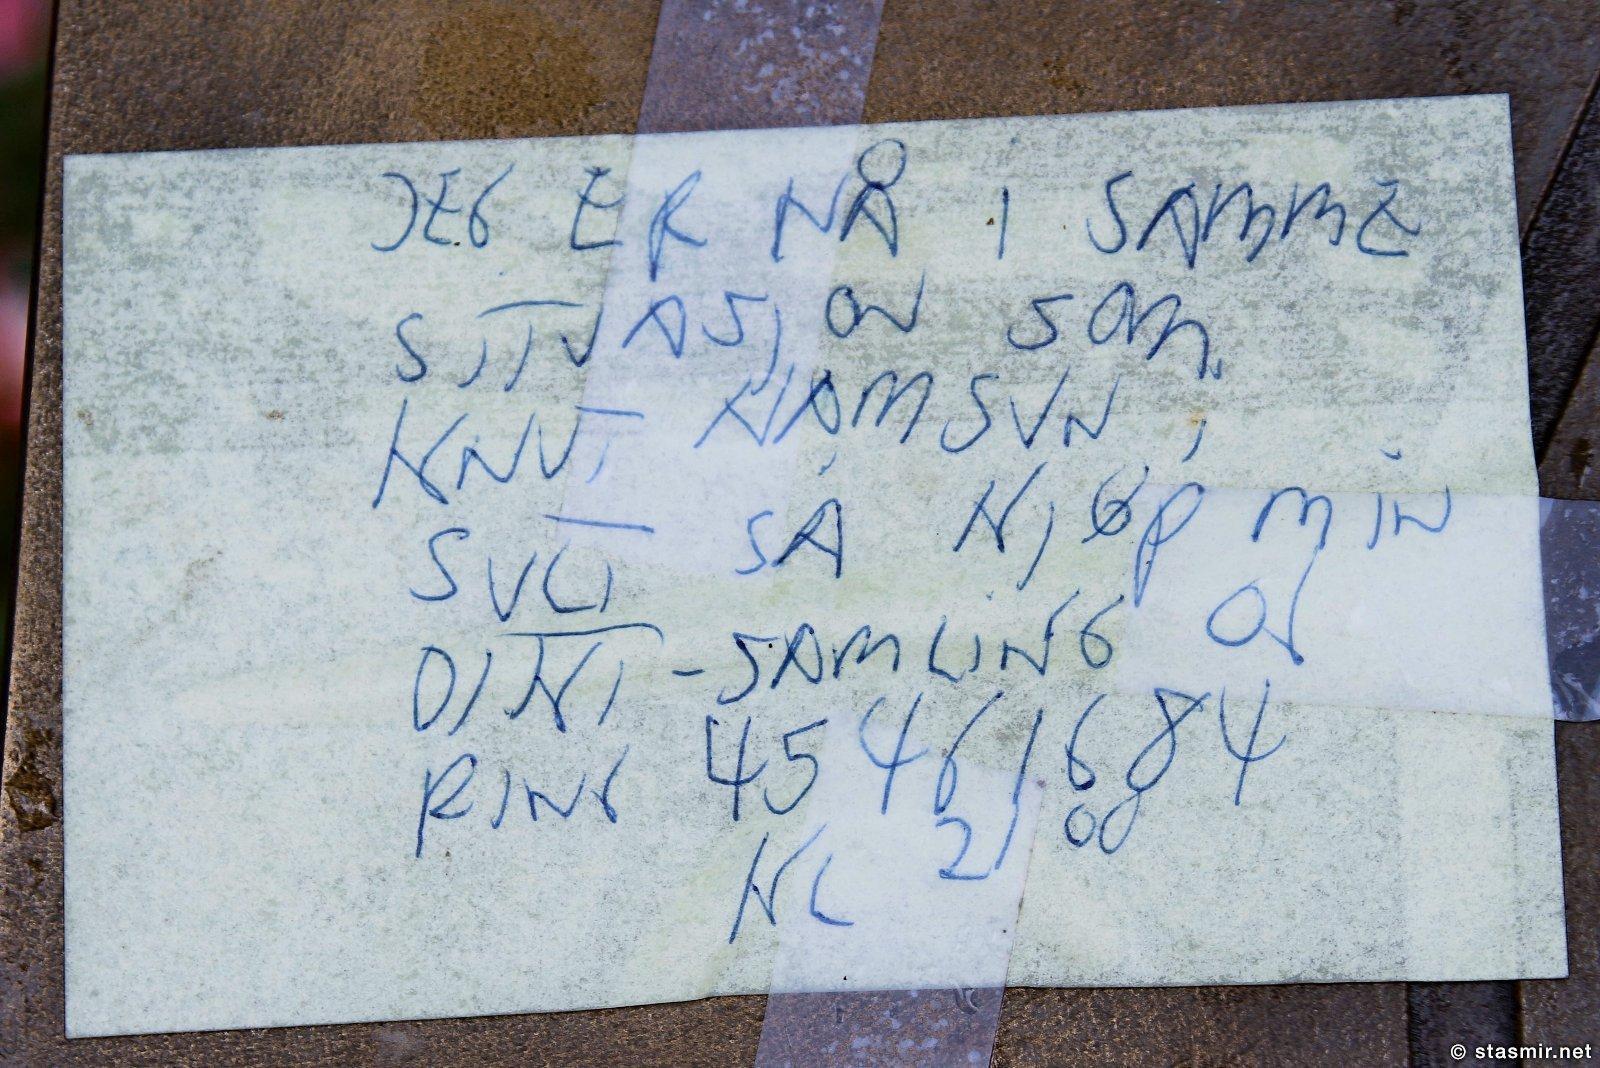 Я в том же положении, что Гамсун: позвоните мне в девять вечера по телефону, крик о помощи, приклеенный скотчем к мемориальной доске, посвященной похождениям Ибсена, фото Стасмир, photo Stasmir, Осло